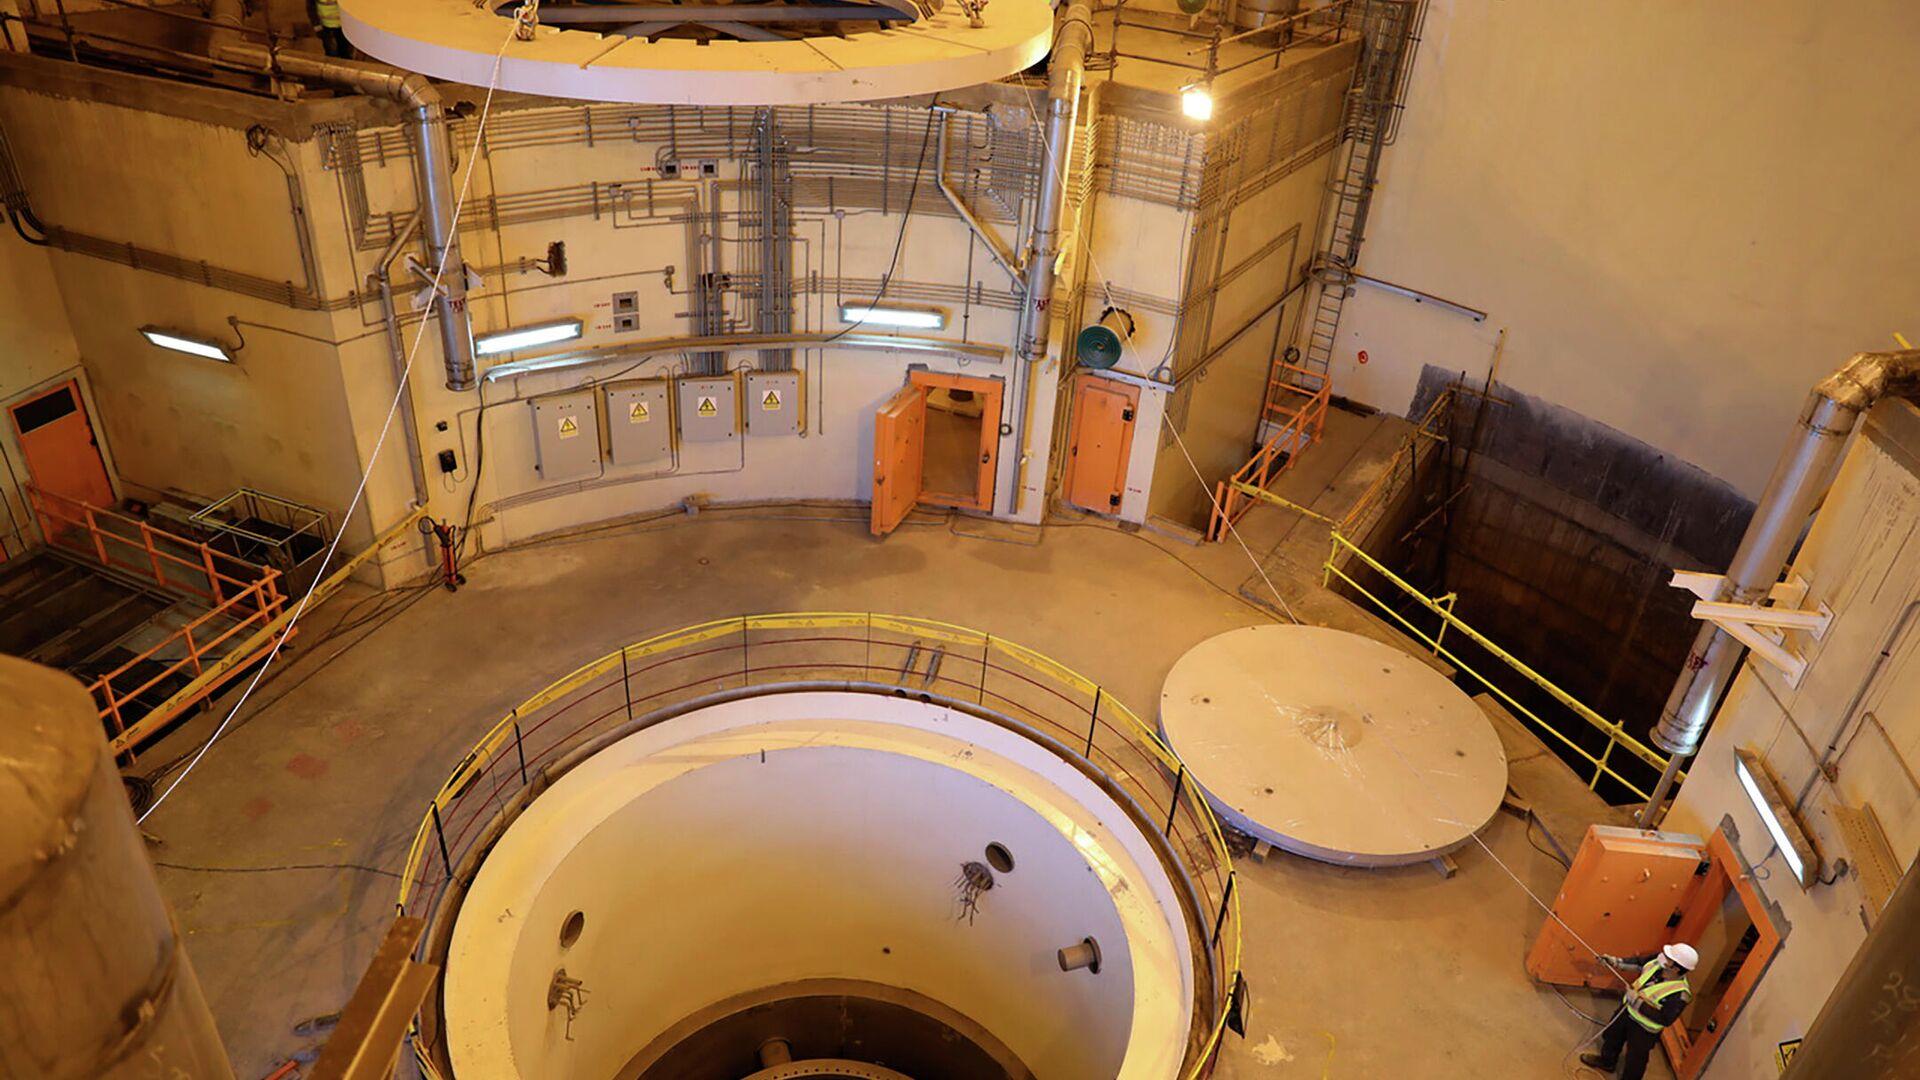 Атомный реактор ядерной электростанции в иранском городе Арак во время проведения технических работ   - РИА Новости, 1920, 28.02.2021